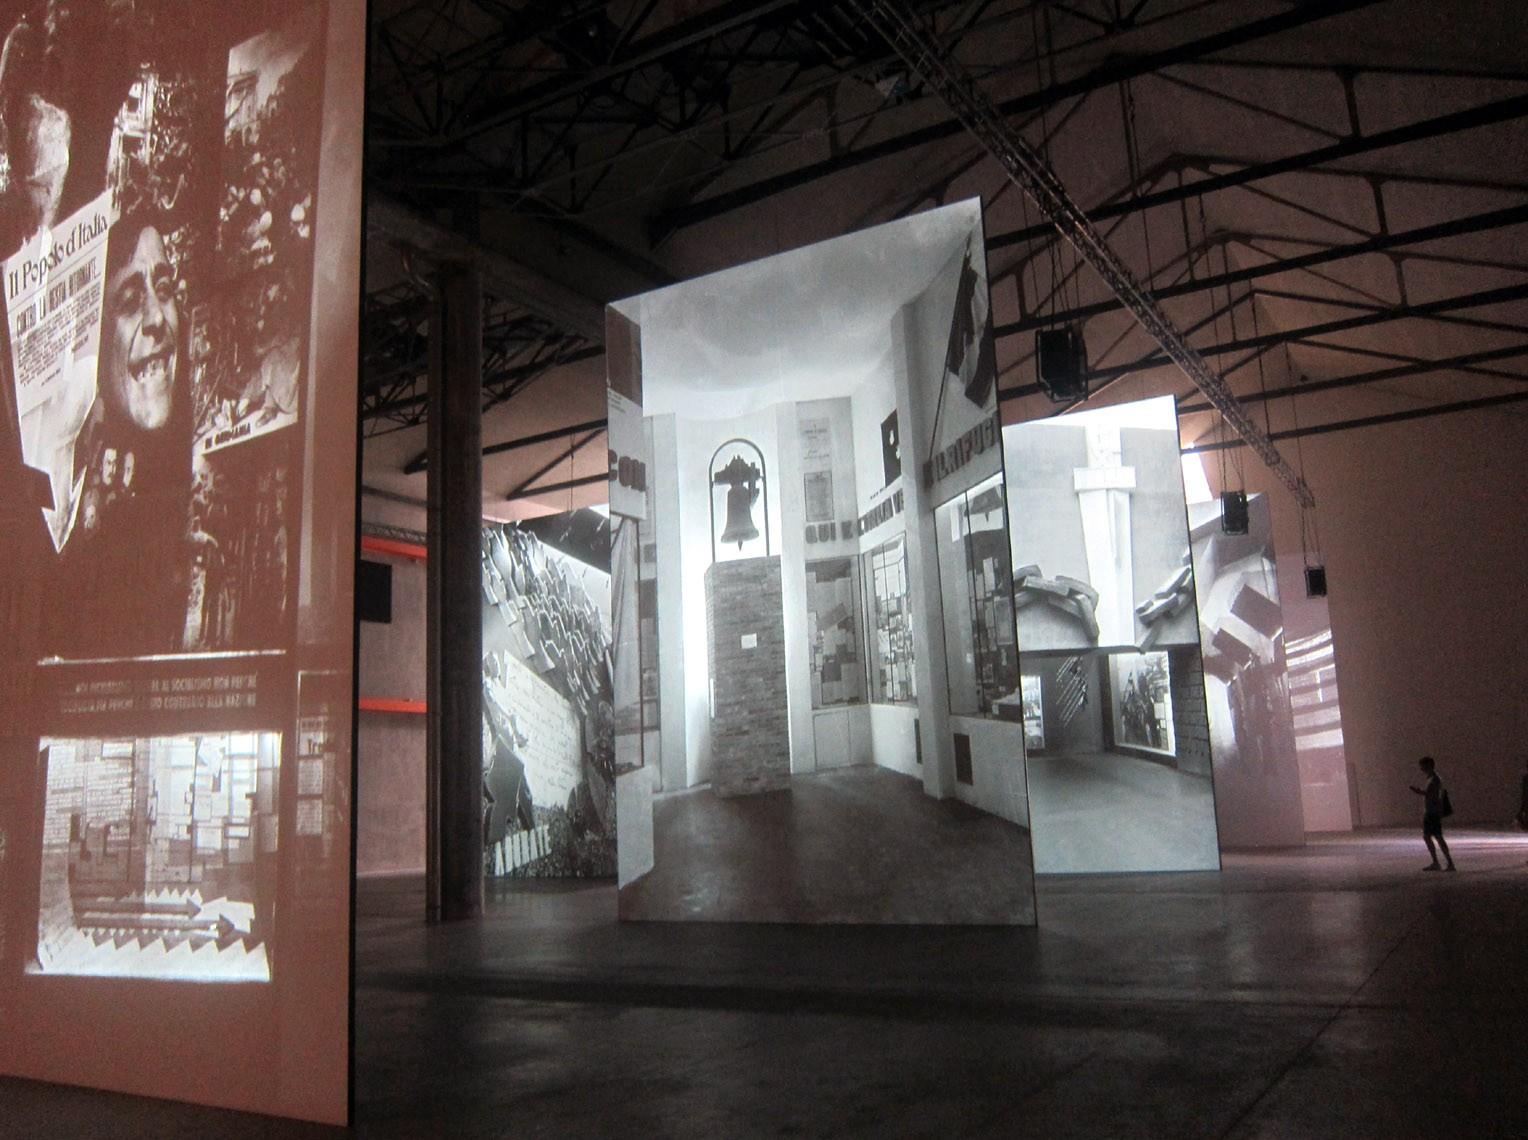 Cartelloni giganti nel deposito della Fondazione Prada